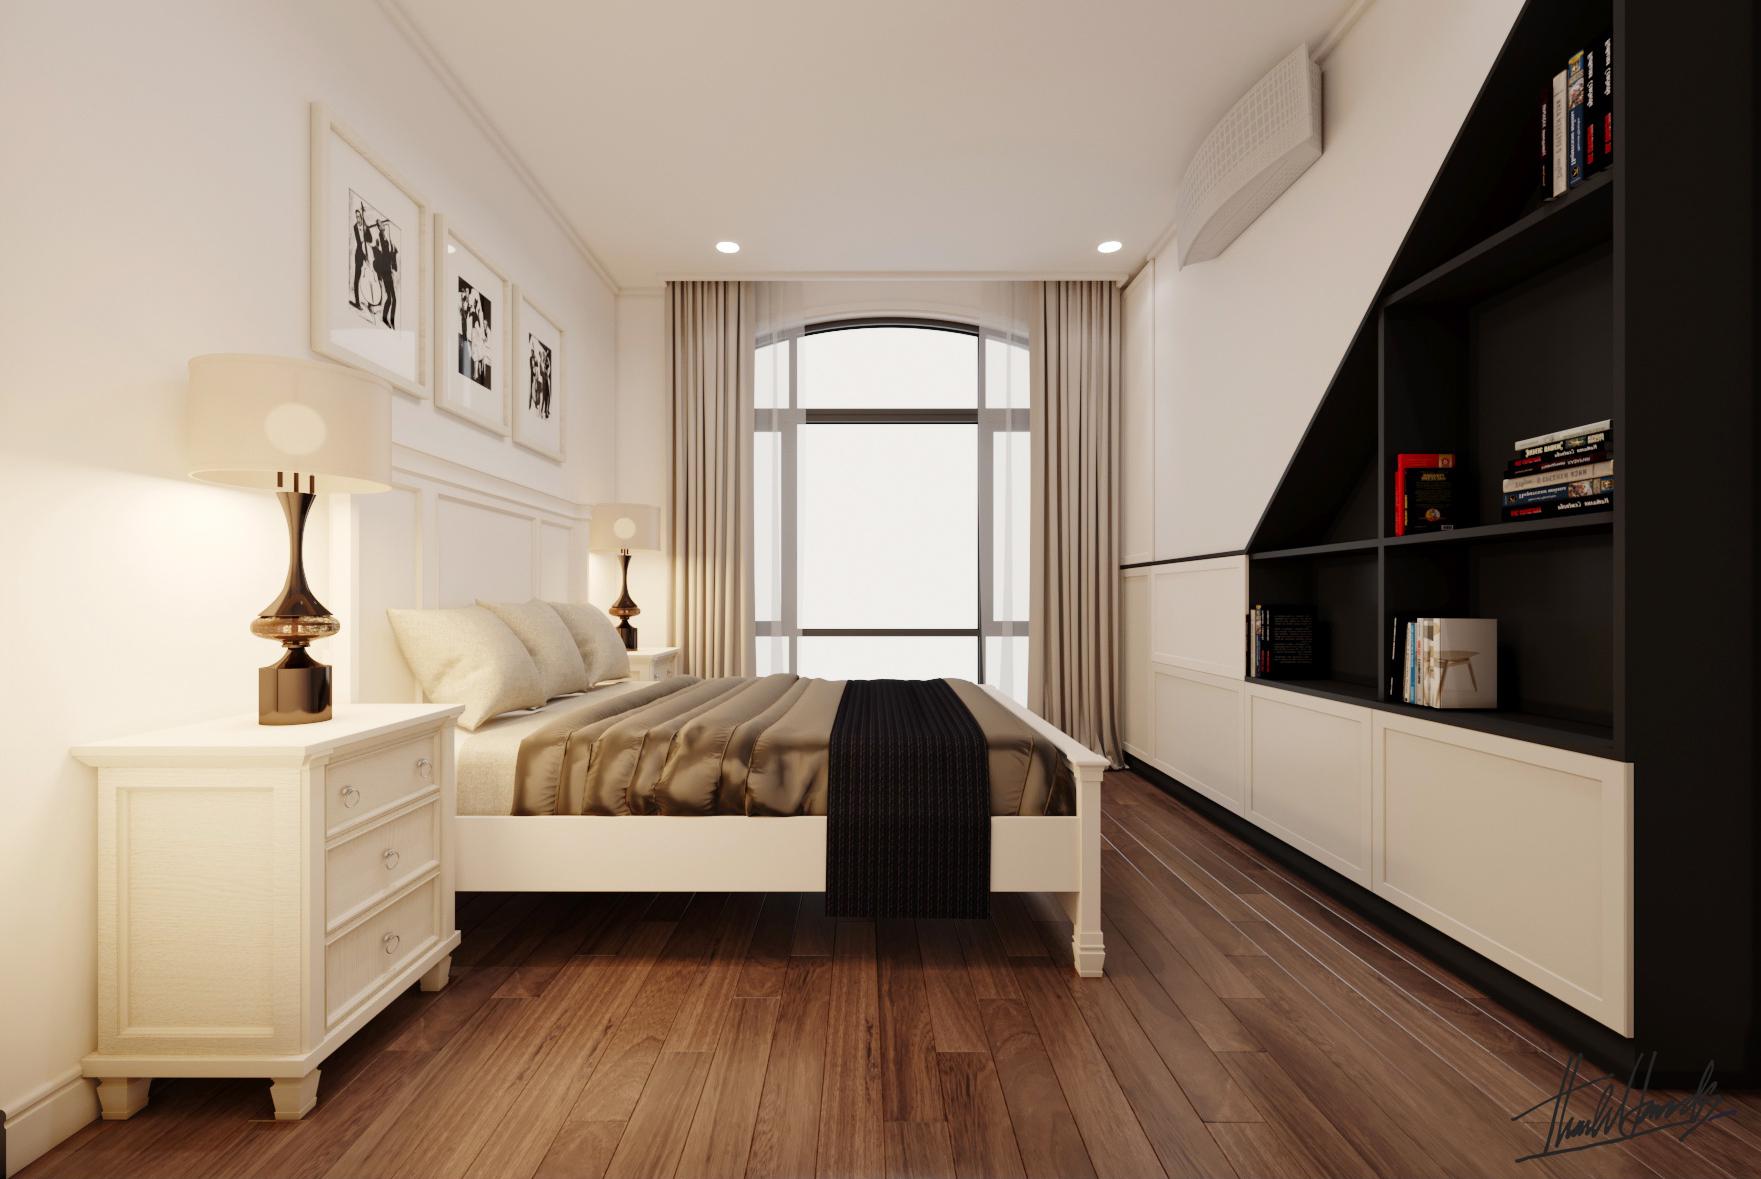 thiết kế nội thất Nhà Mặt Phố tại Hà Nội căn hộ cho thuê . 9 1568087730